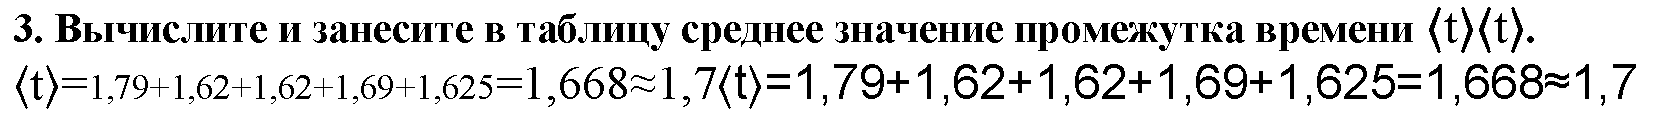 3 - решение